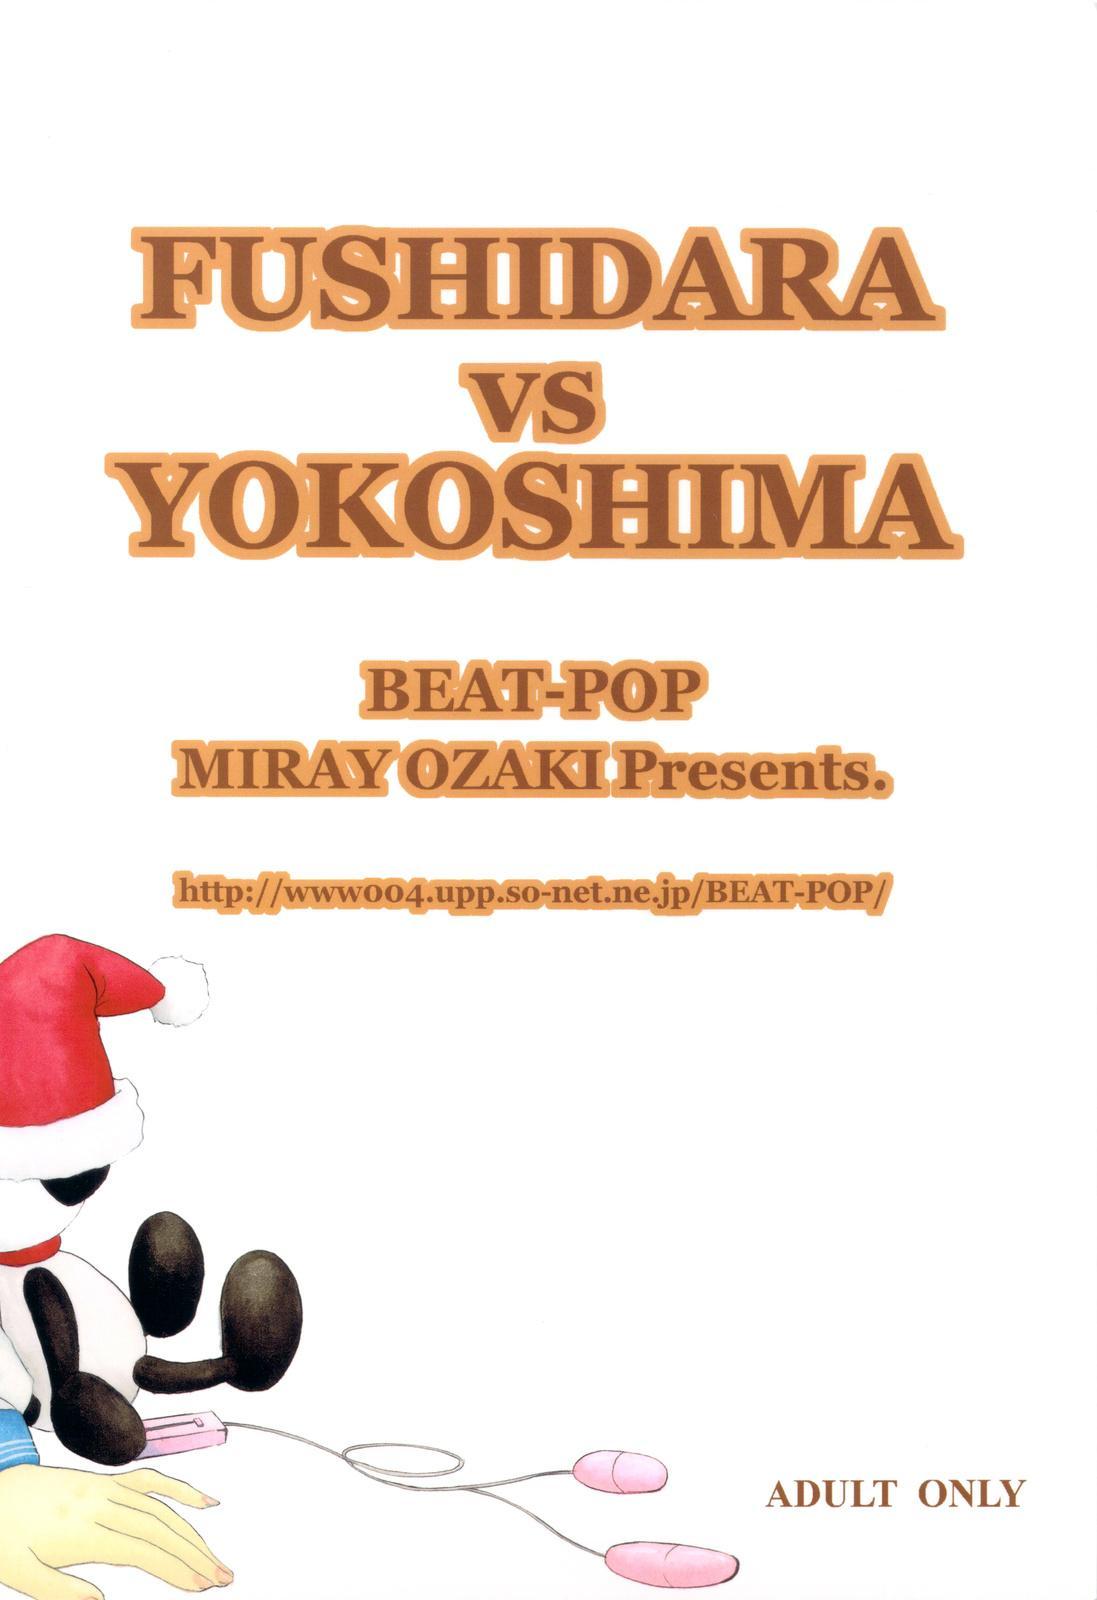 FUSHIDARA vs YOKOSHIMA 29